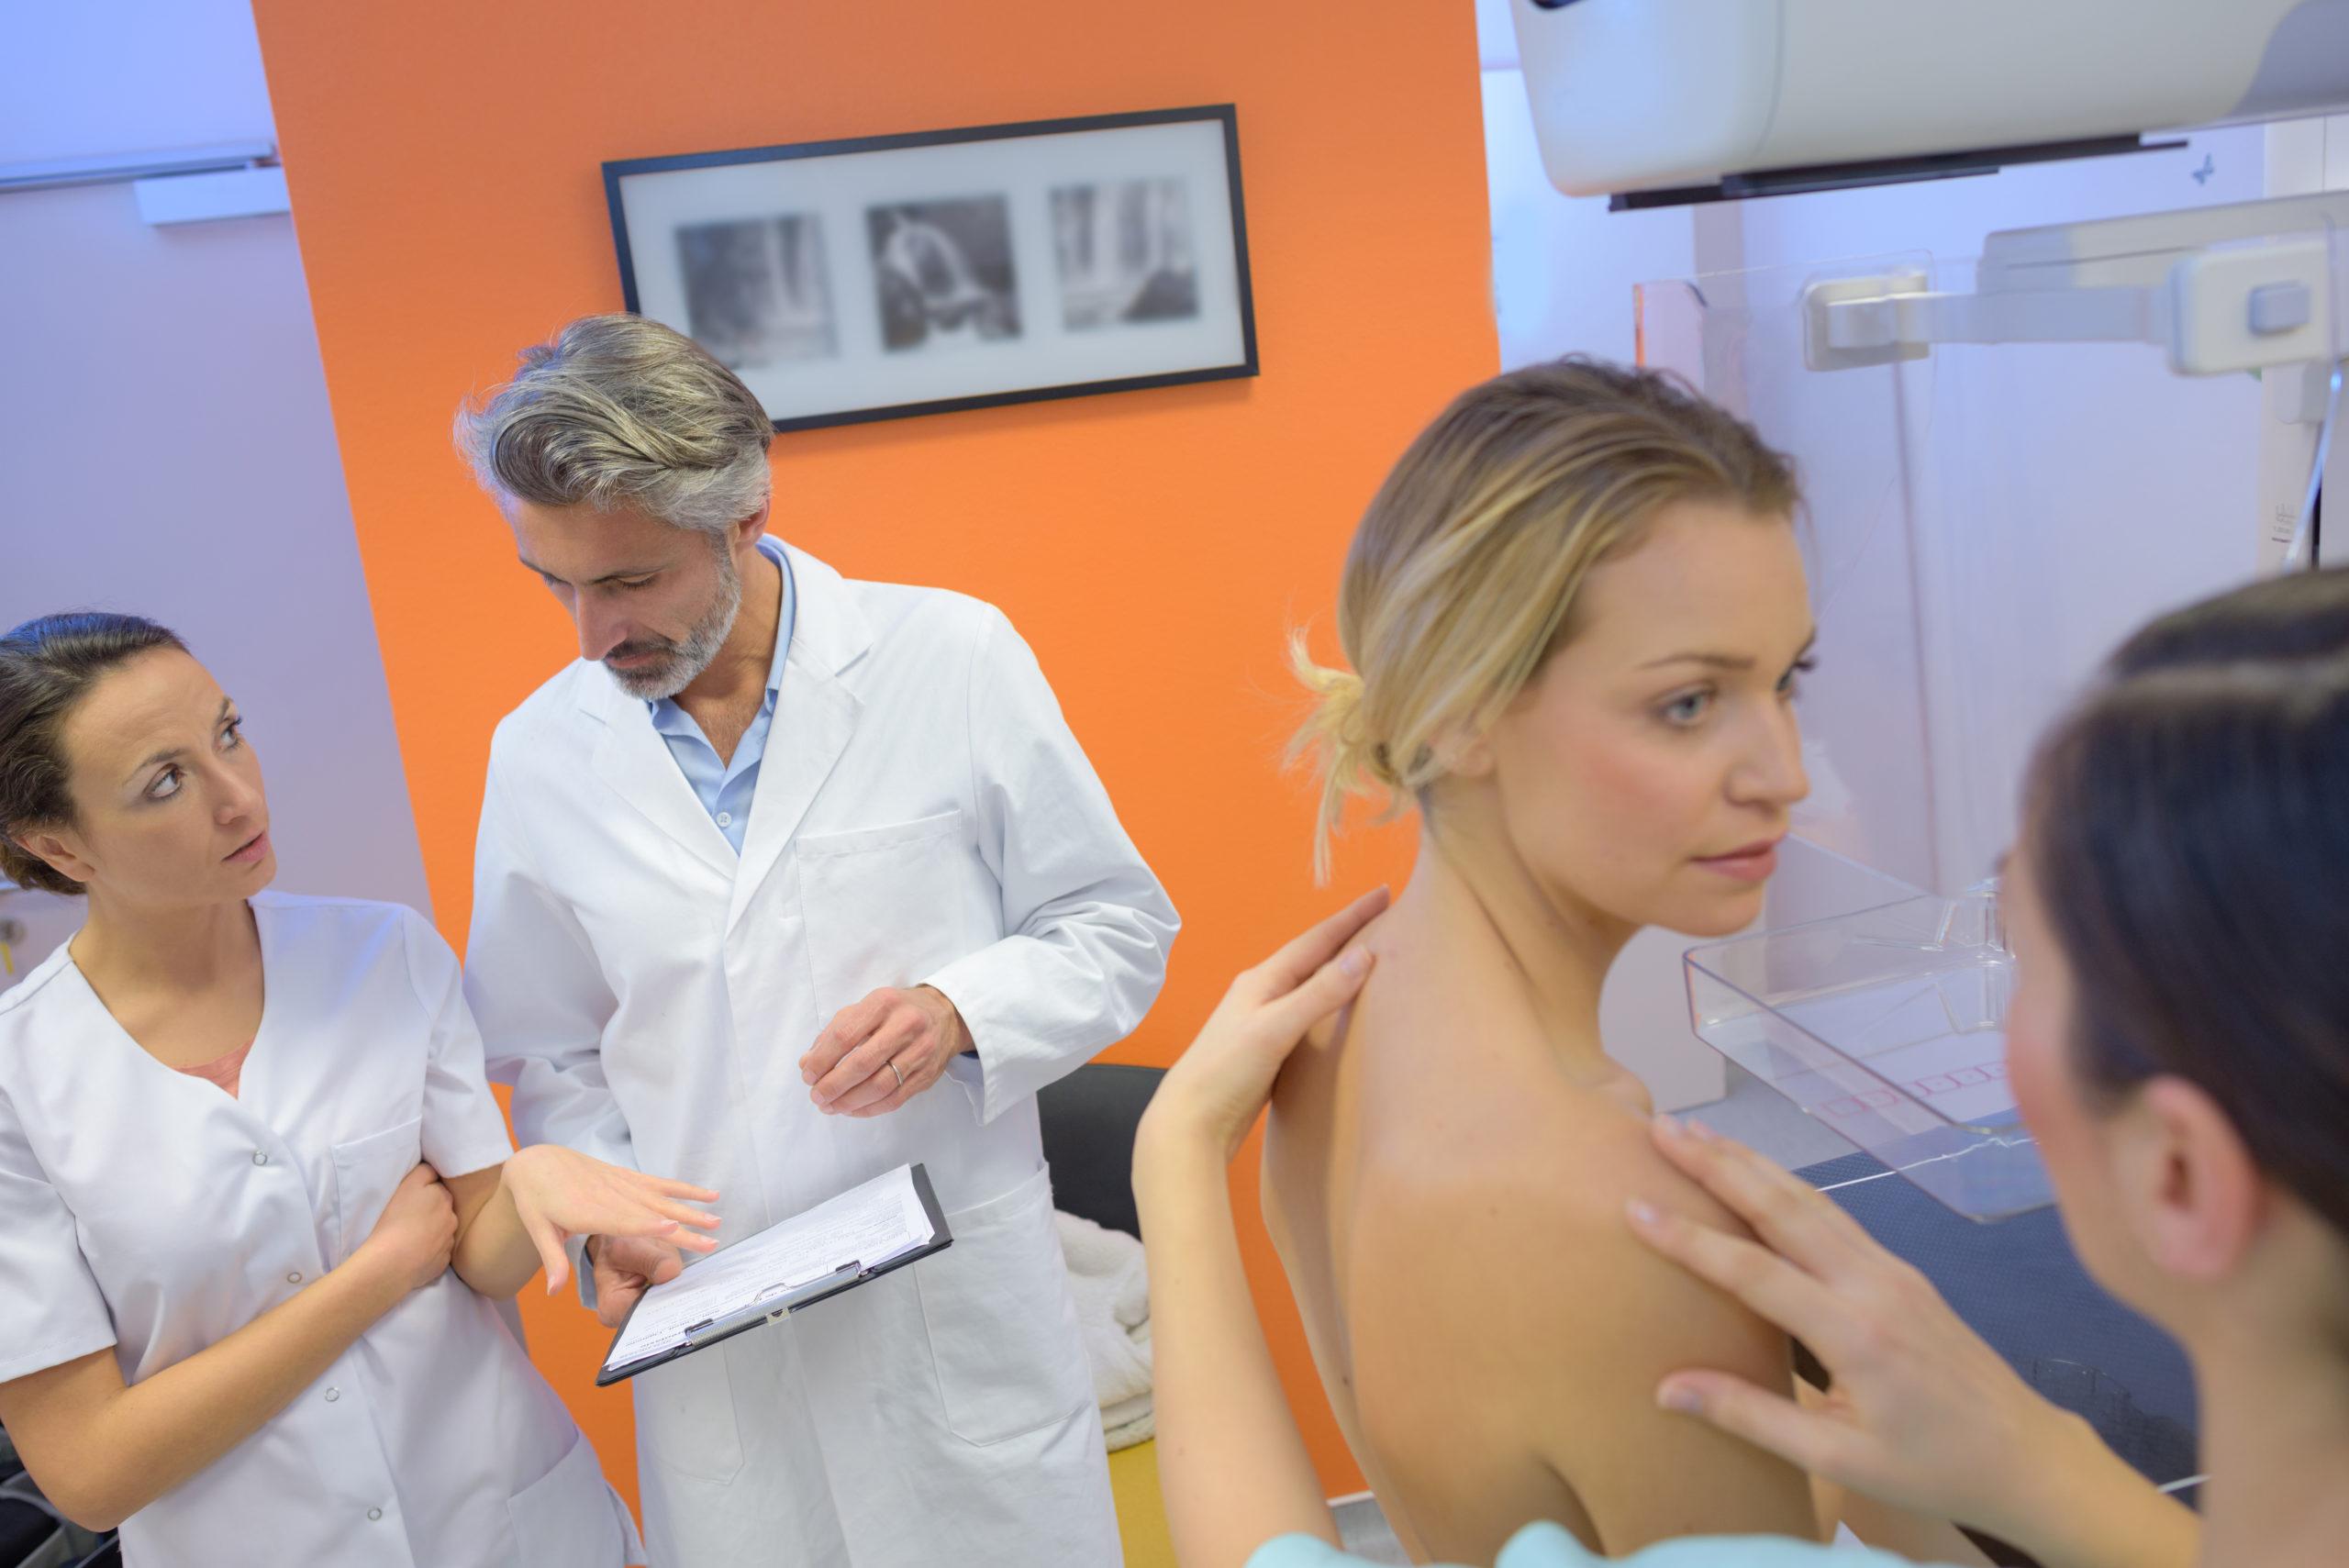 Szemléletváltás: a mellrák pozitív hozadéka